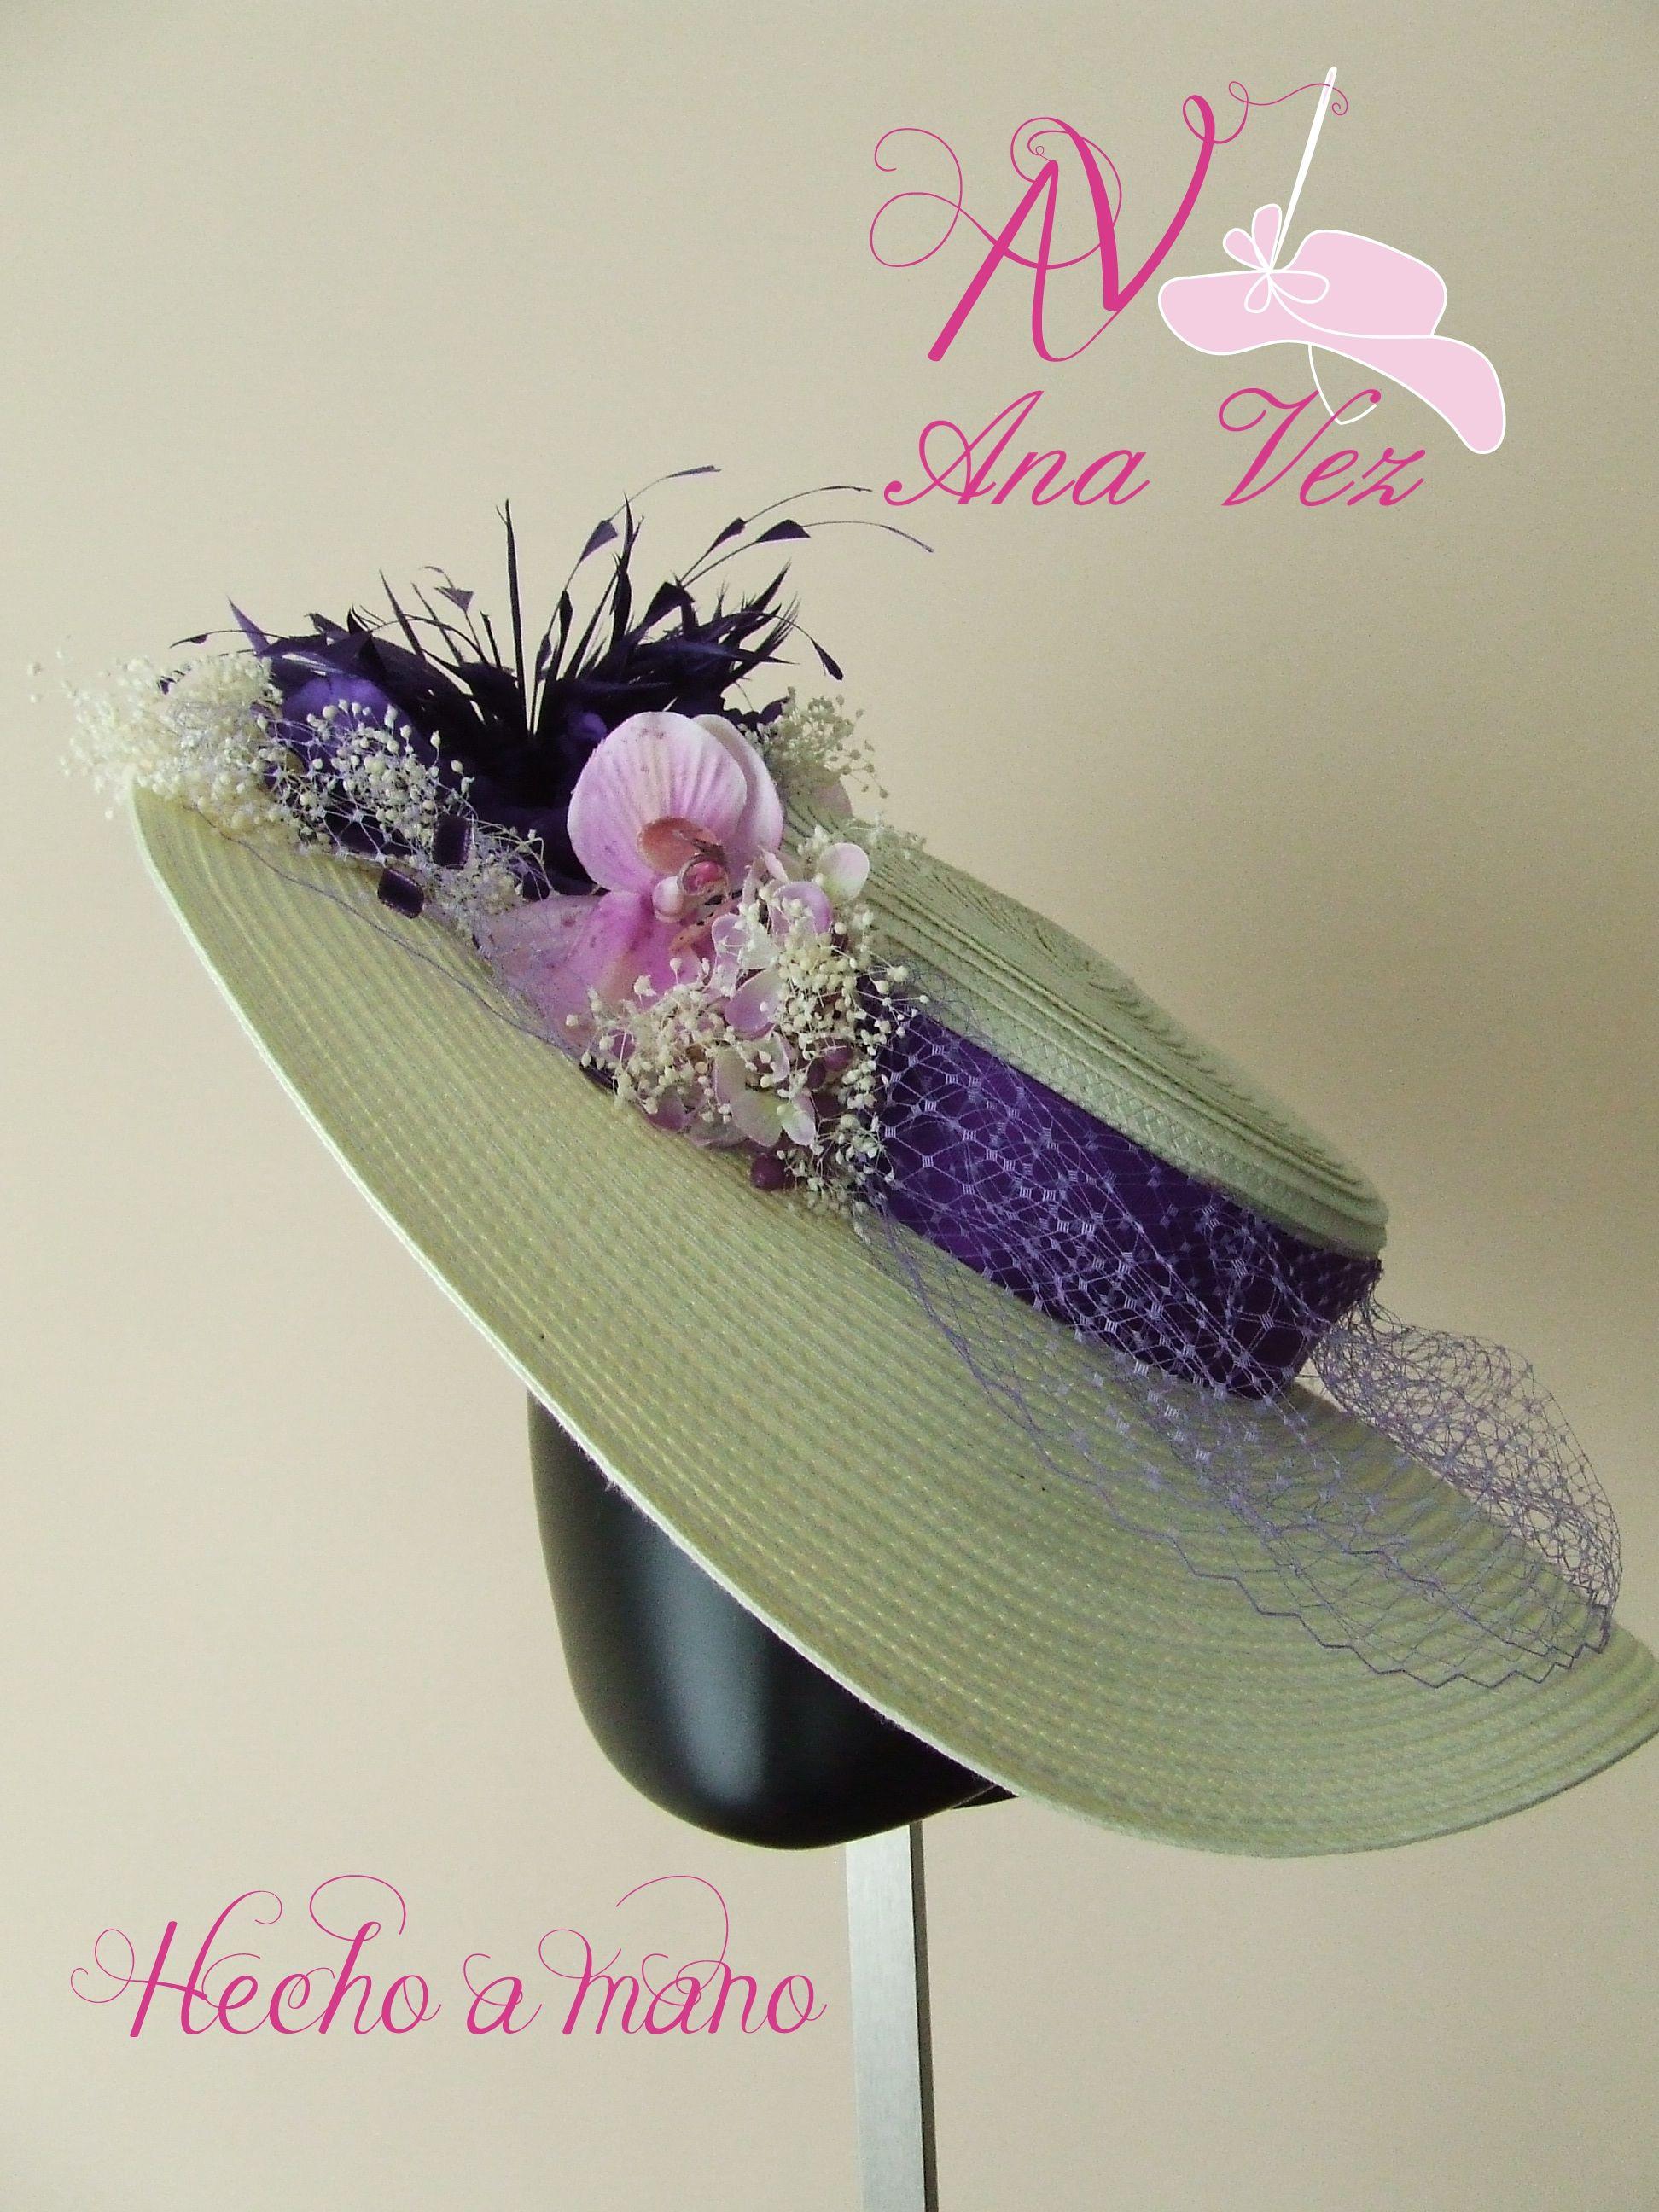 Tocados Ana Vez Atelier de Tocados, Sombreros y Complementos Artesanales. Si lo soñaste se puede realizar. Pide presupuesto en el telf. 698182256.